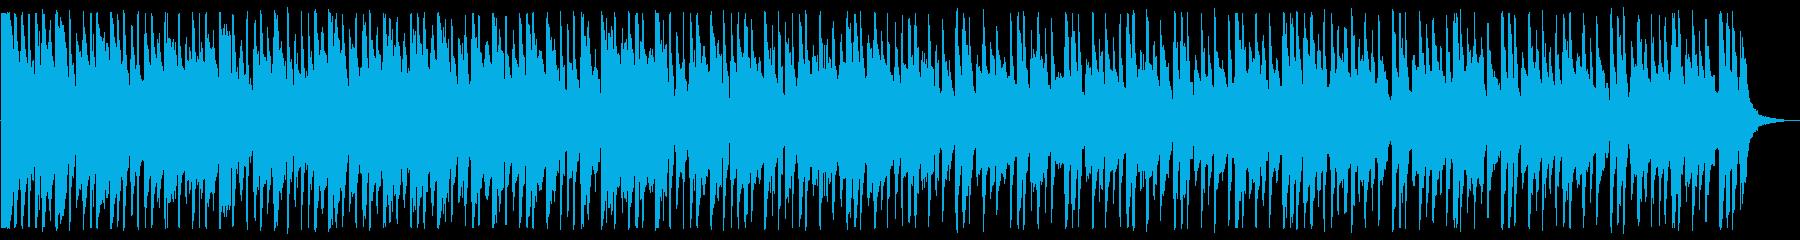 爽やか/ポップス_No596_5の再生済みの波形